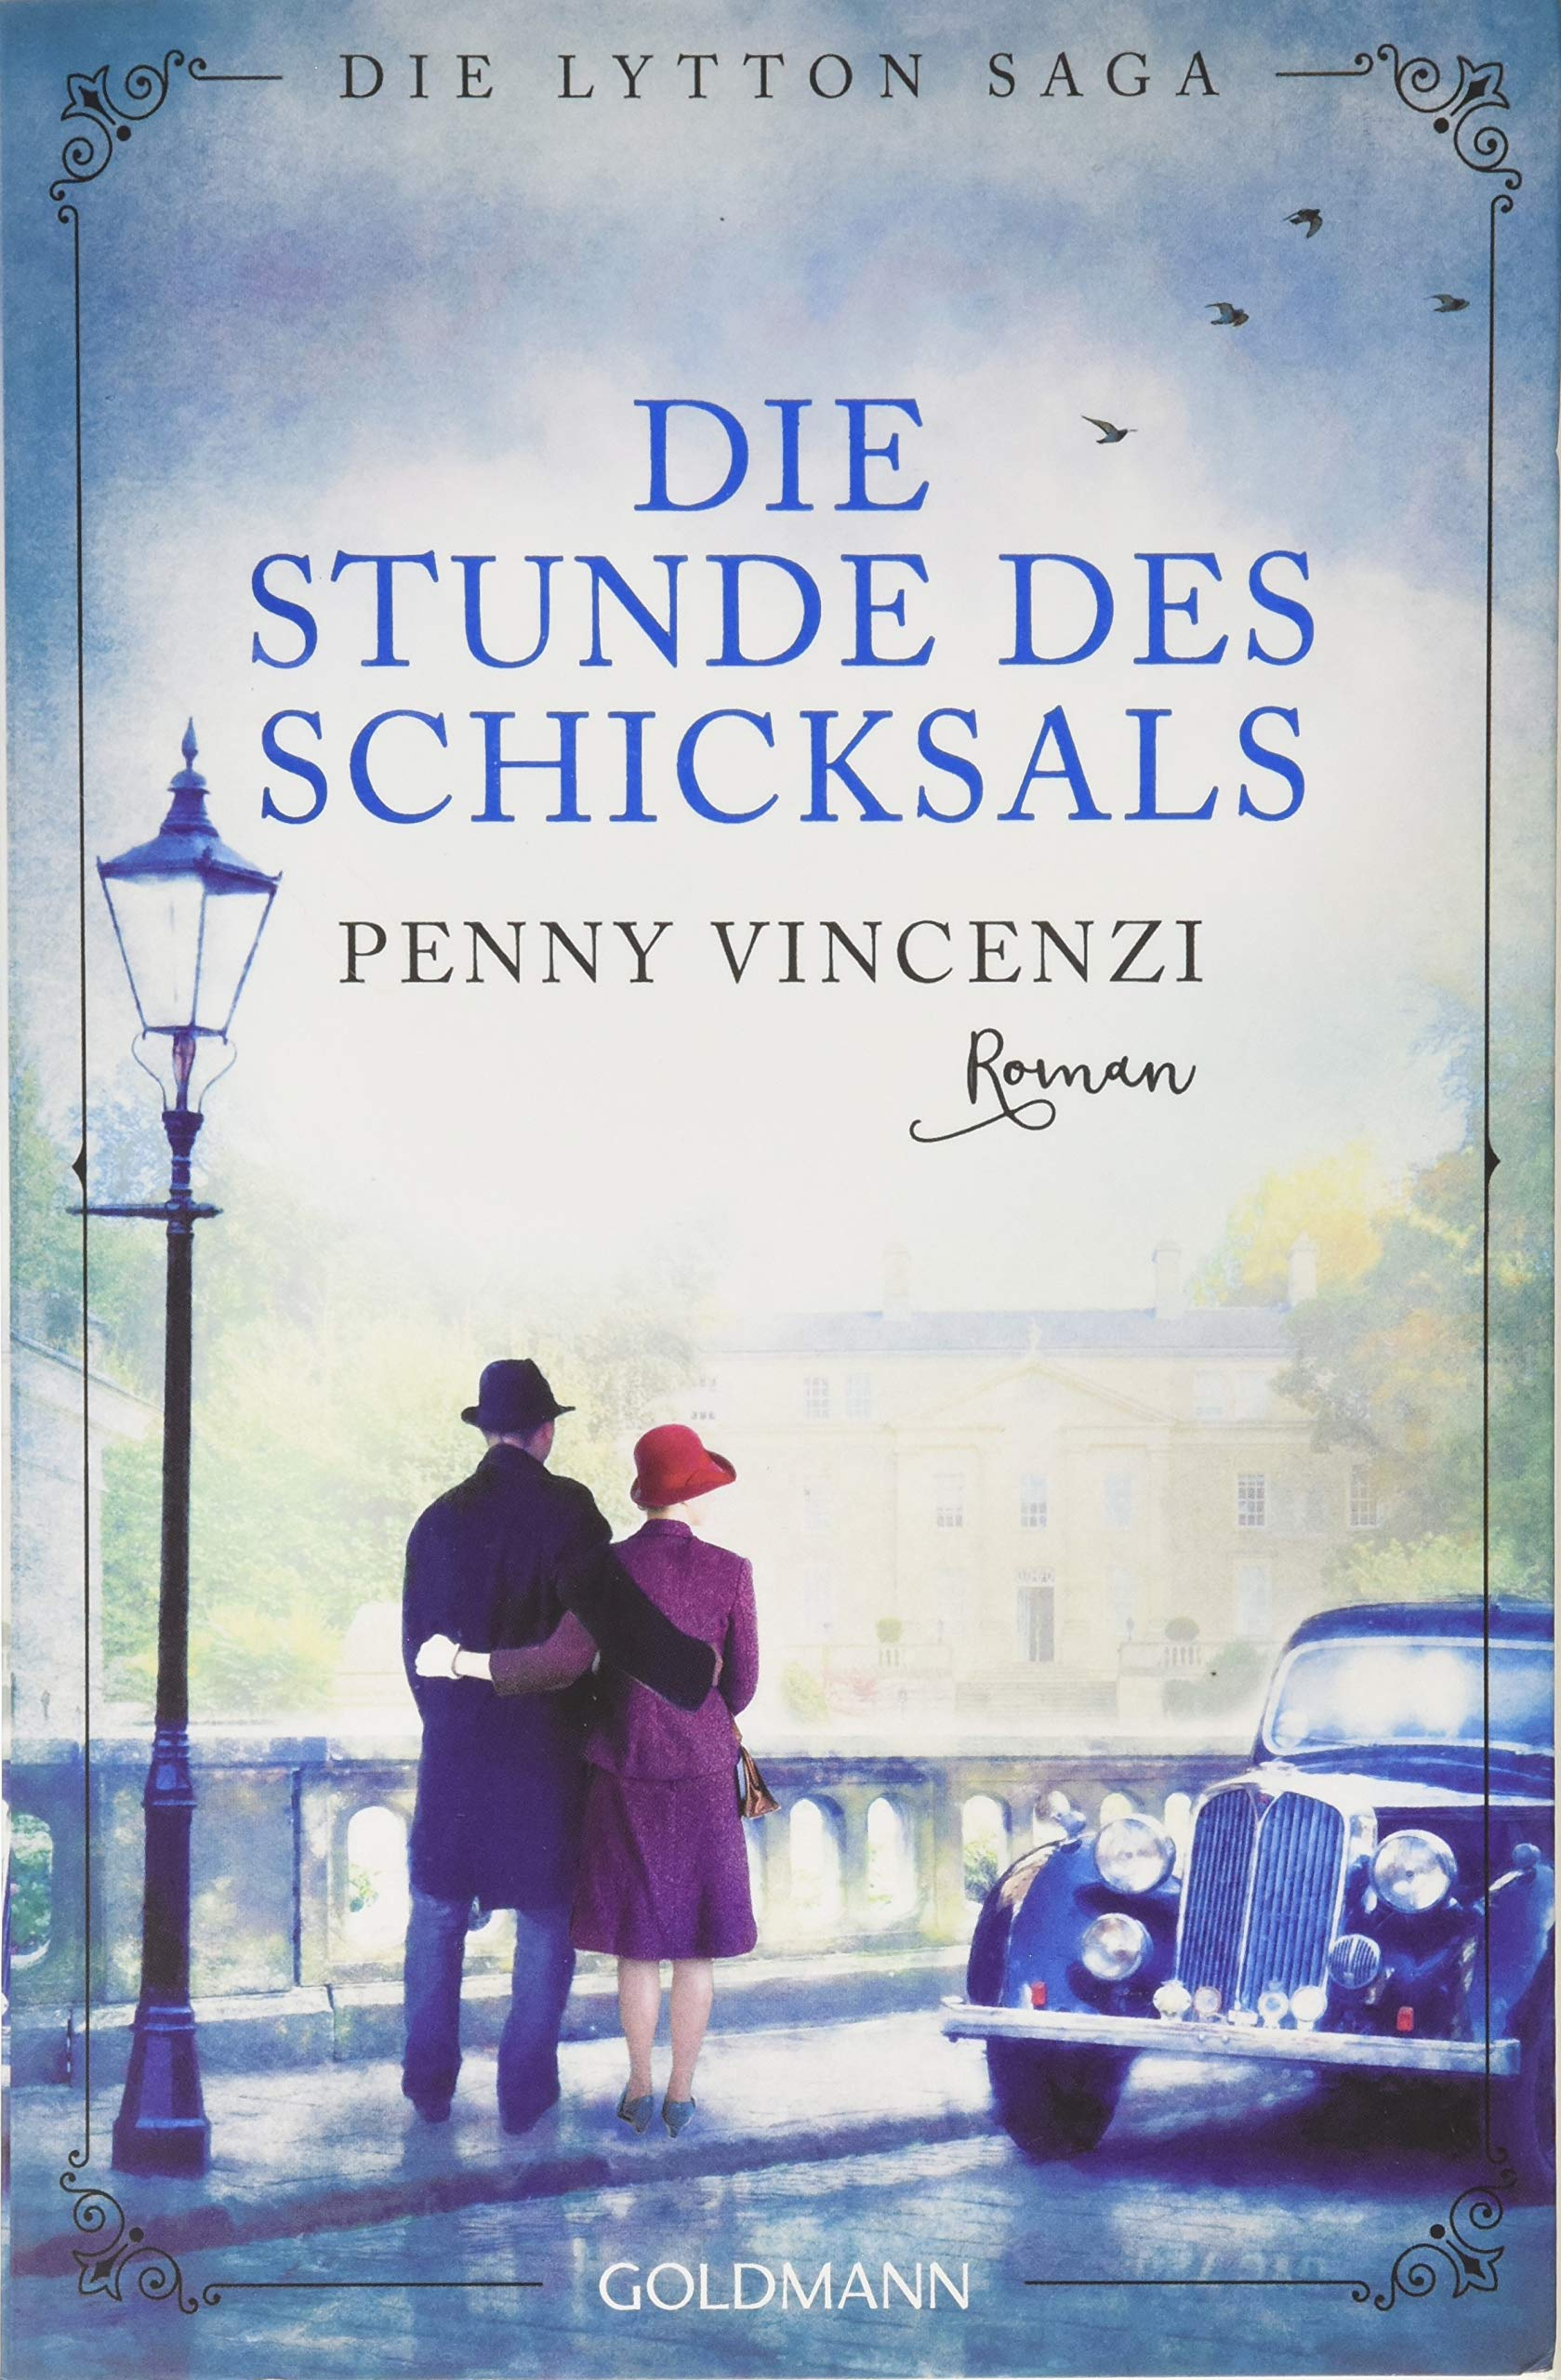 die-stunde-des-schicksals-die-lytton-saga-3-roman